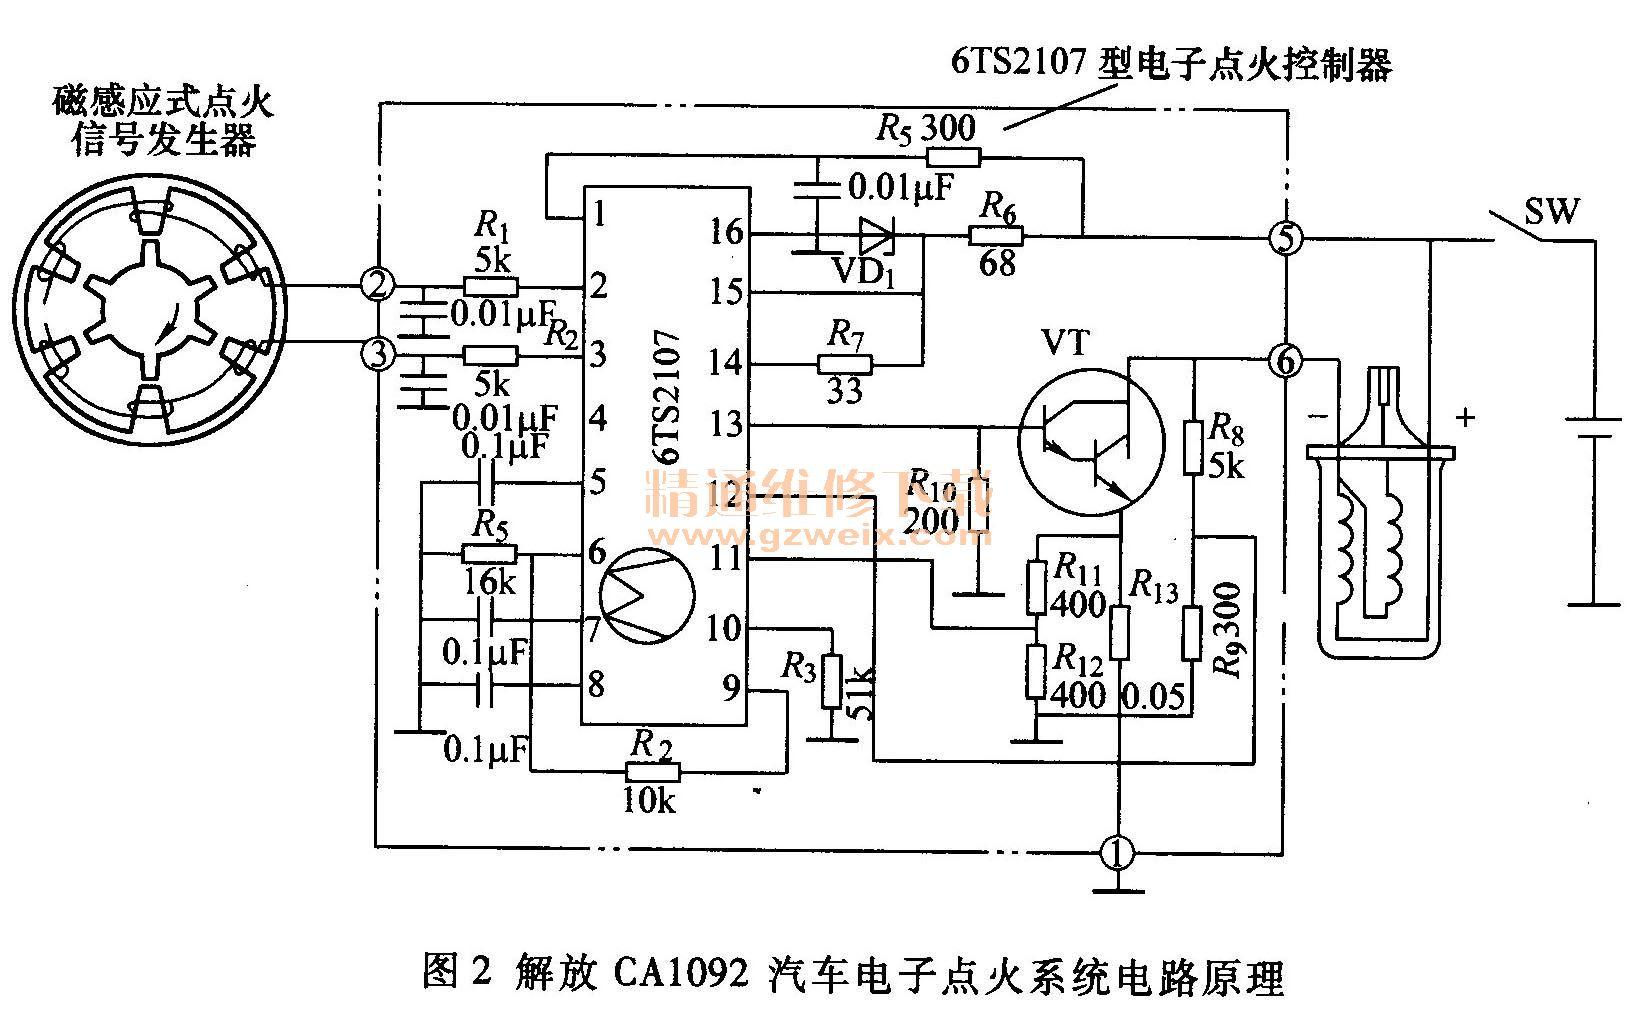 解放ca1092汽车电子点火系统的电路原理如图2